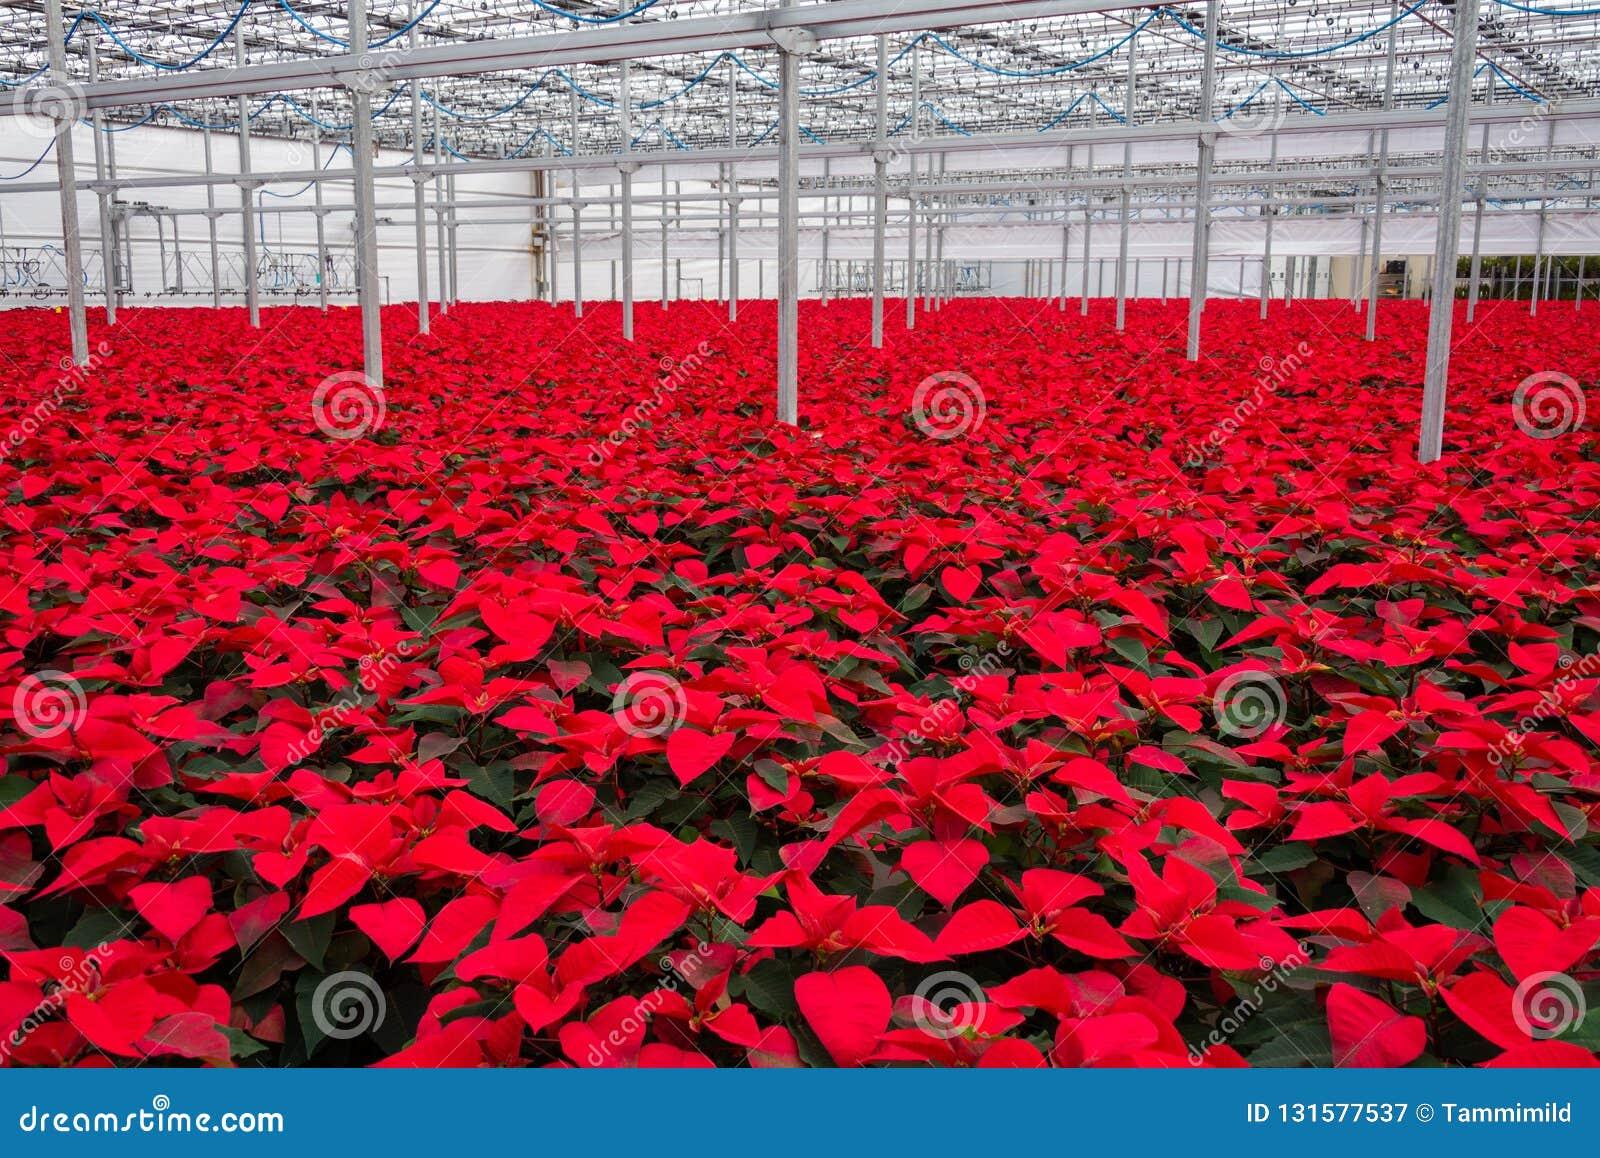 室内大温室一品红花